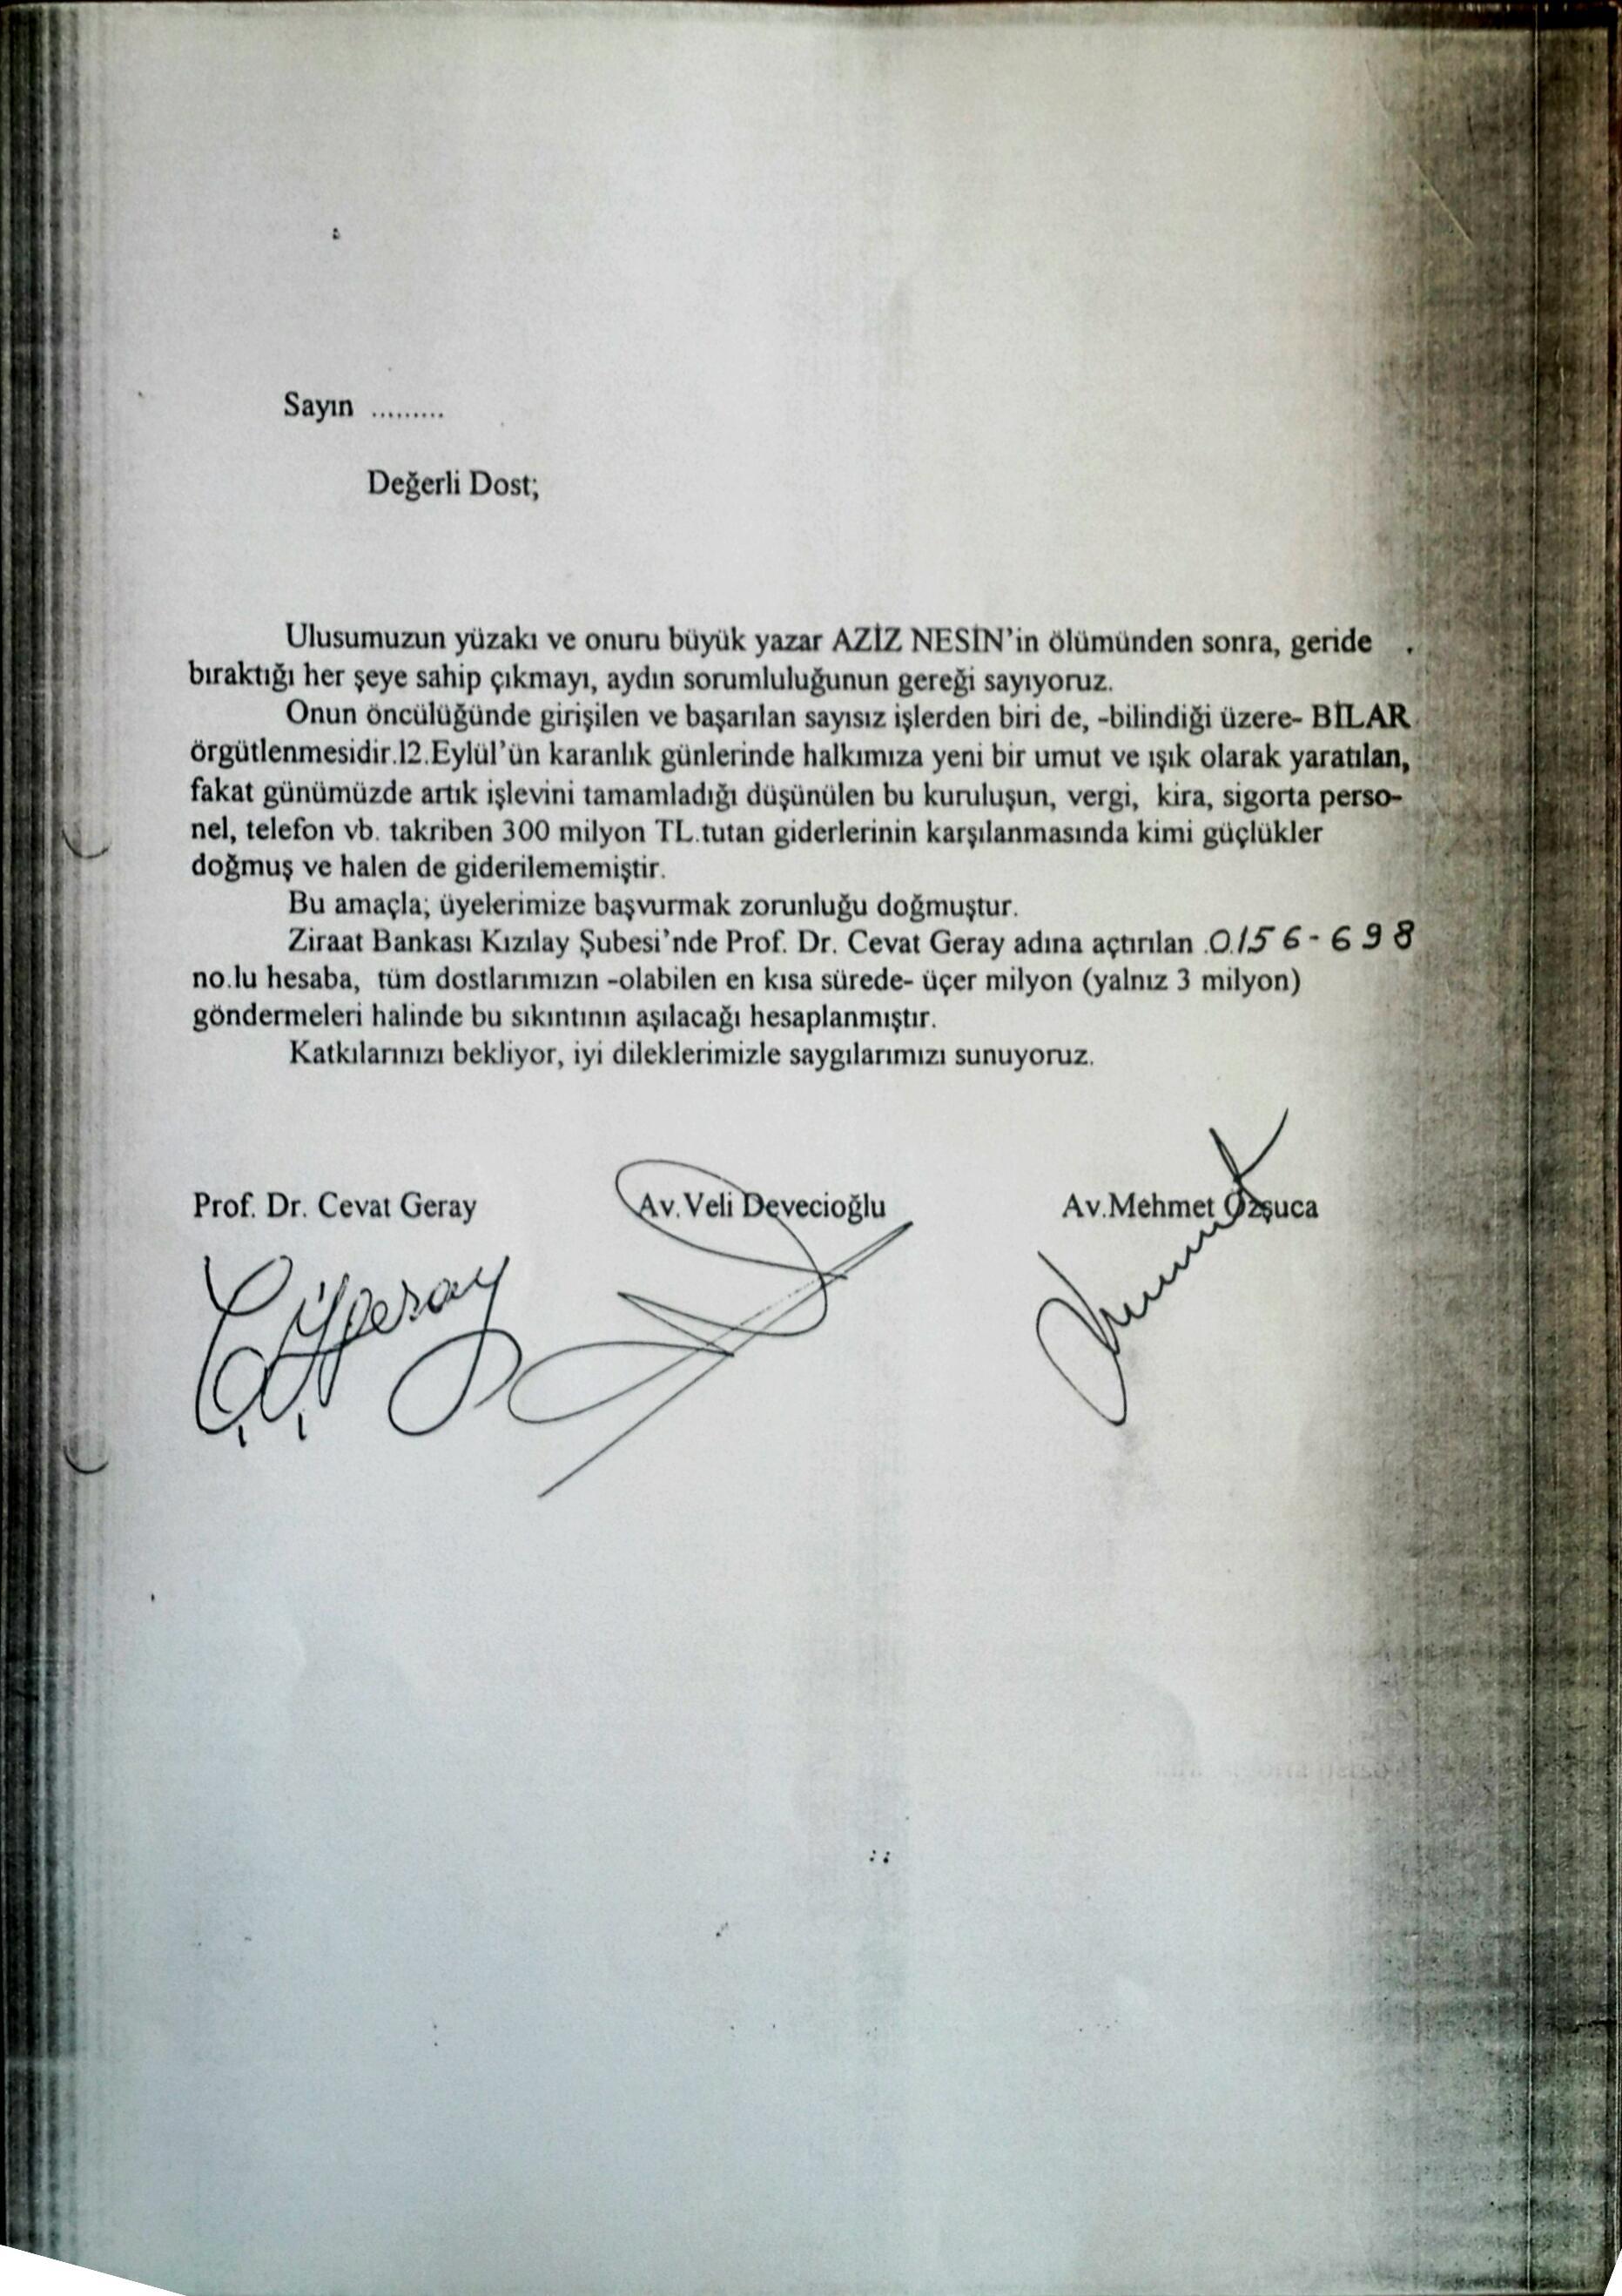 1996_Kasim_kapanis_borc_mektup.jpg